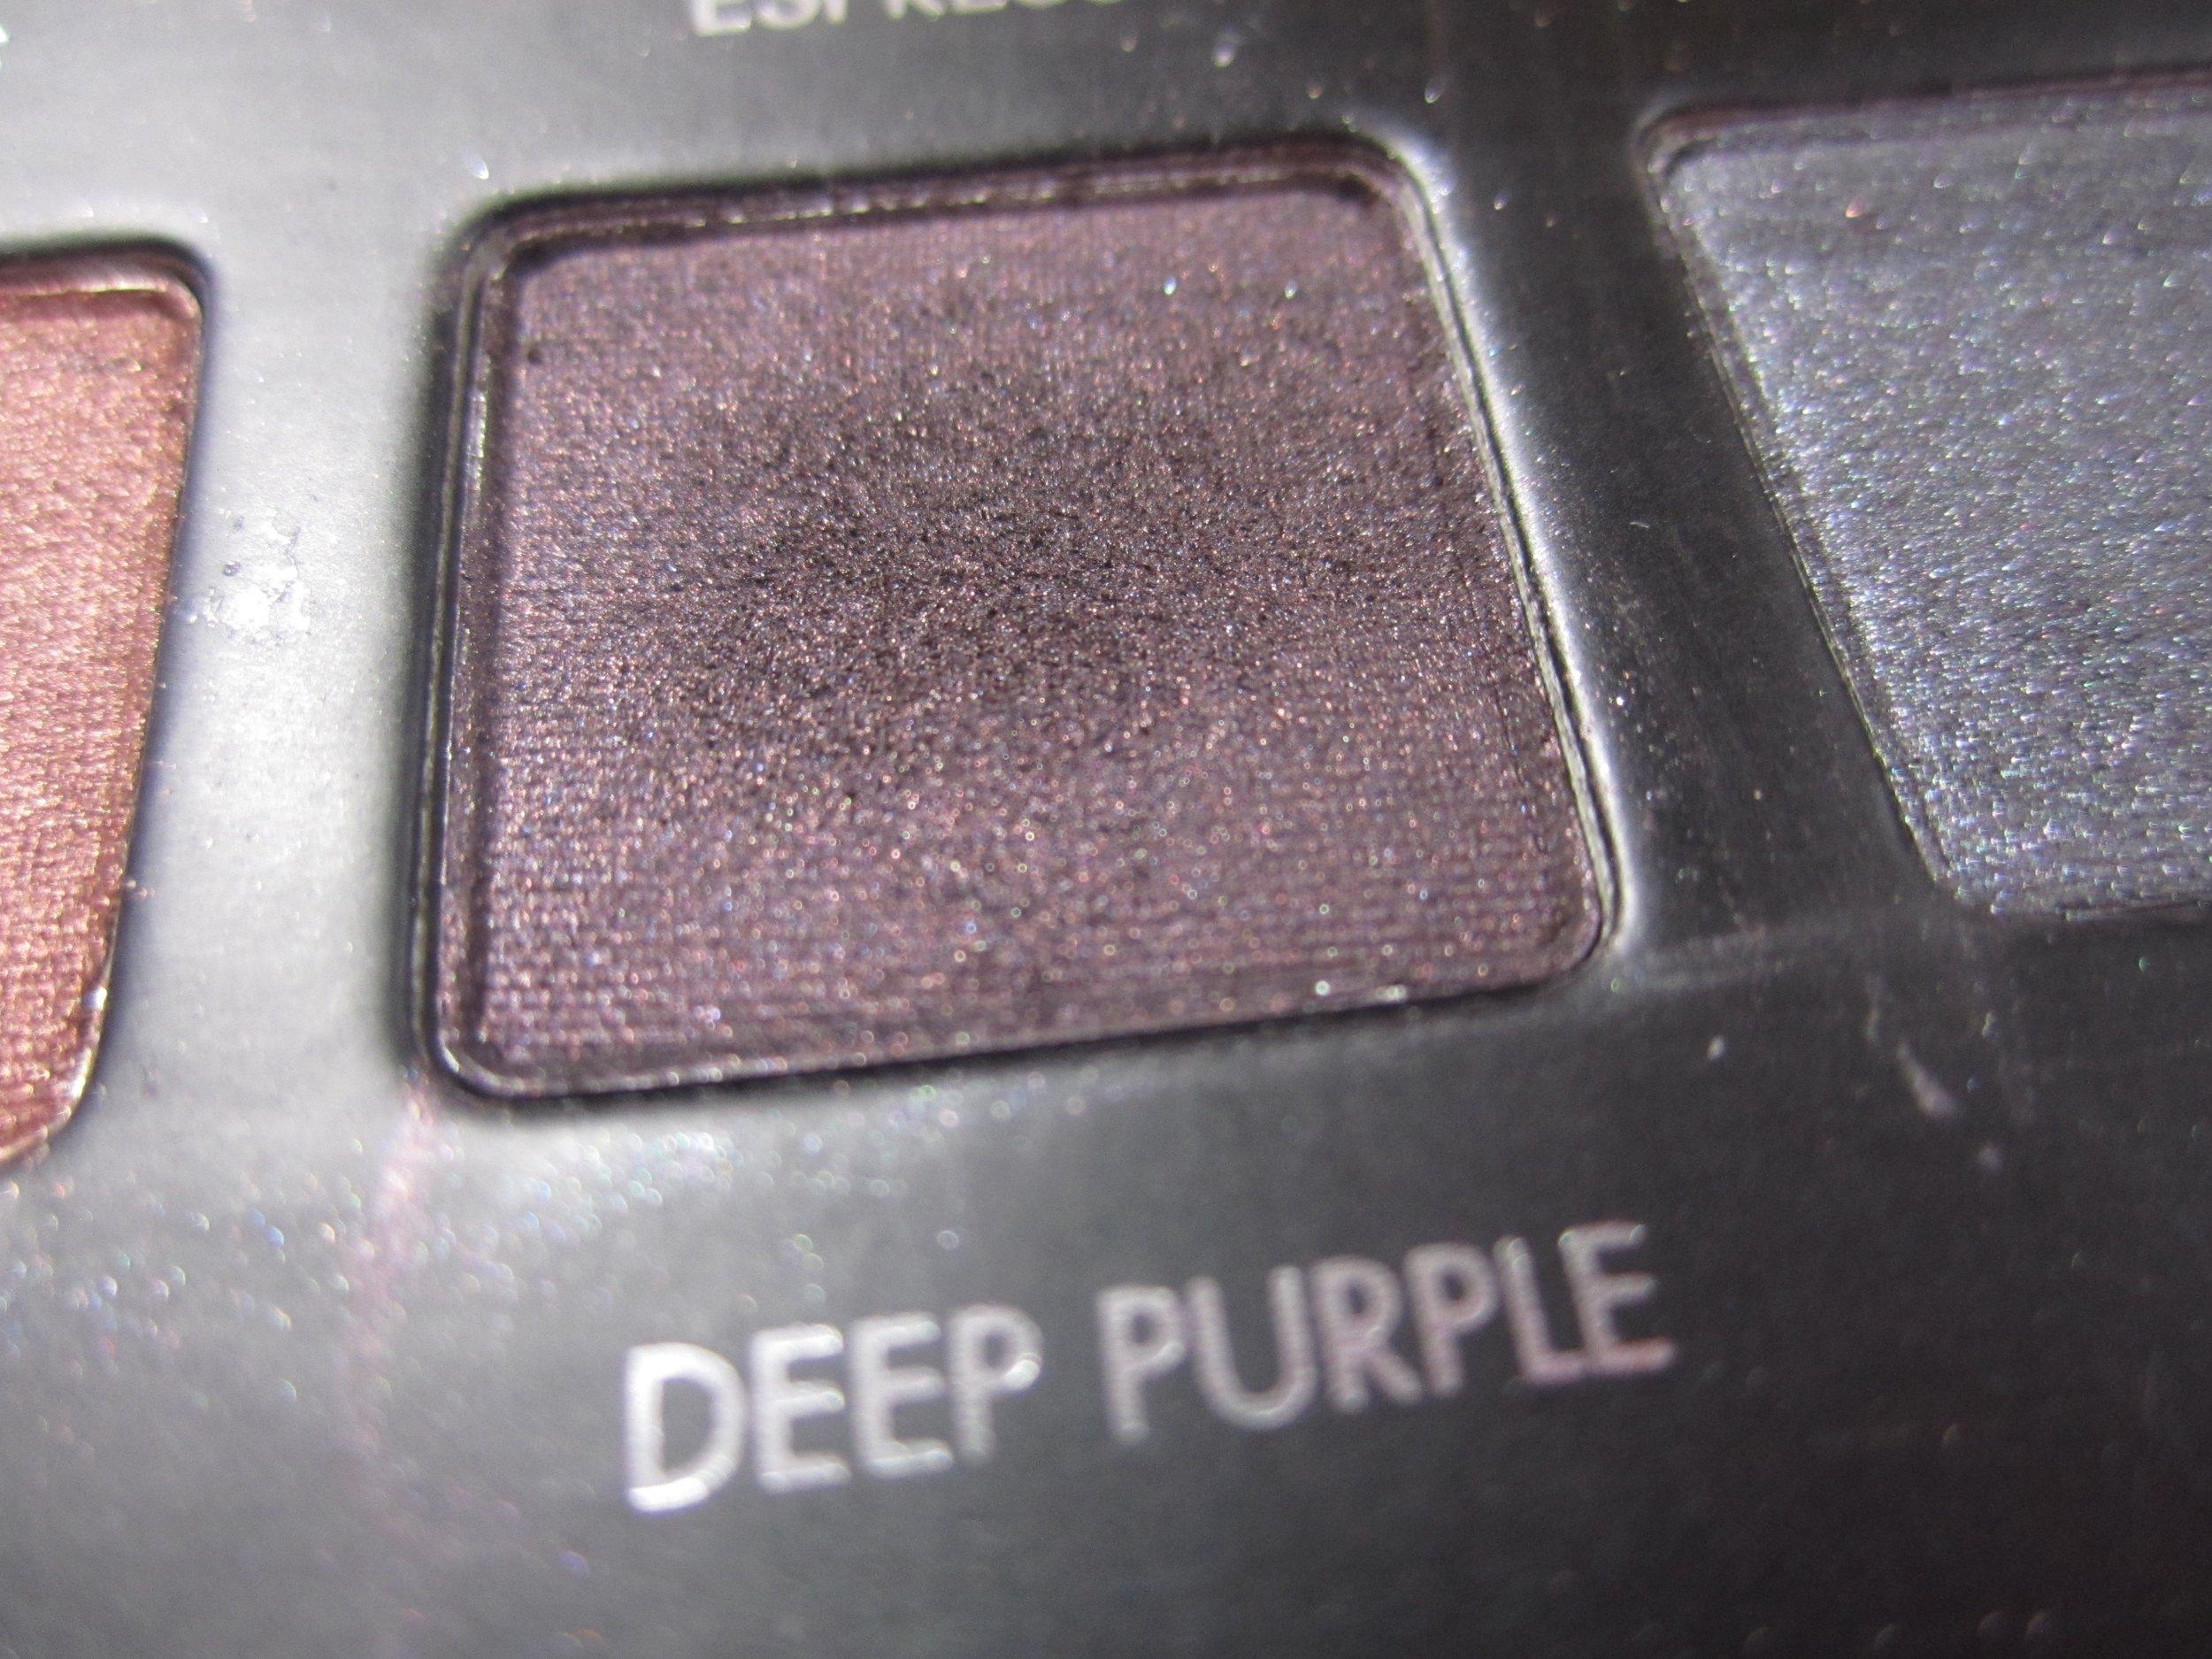 deeppurple3